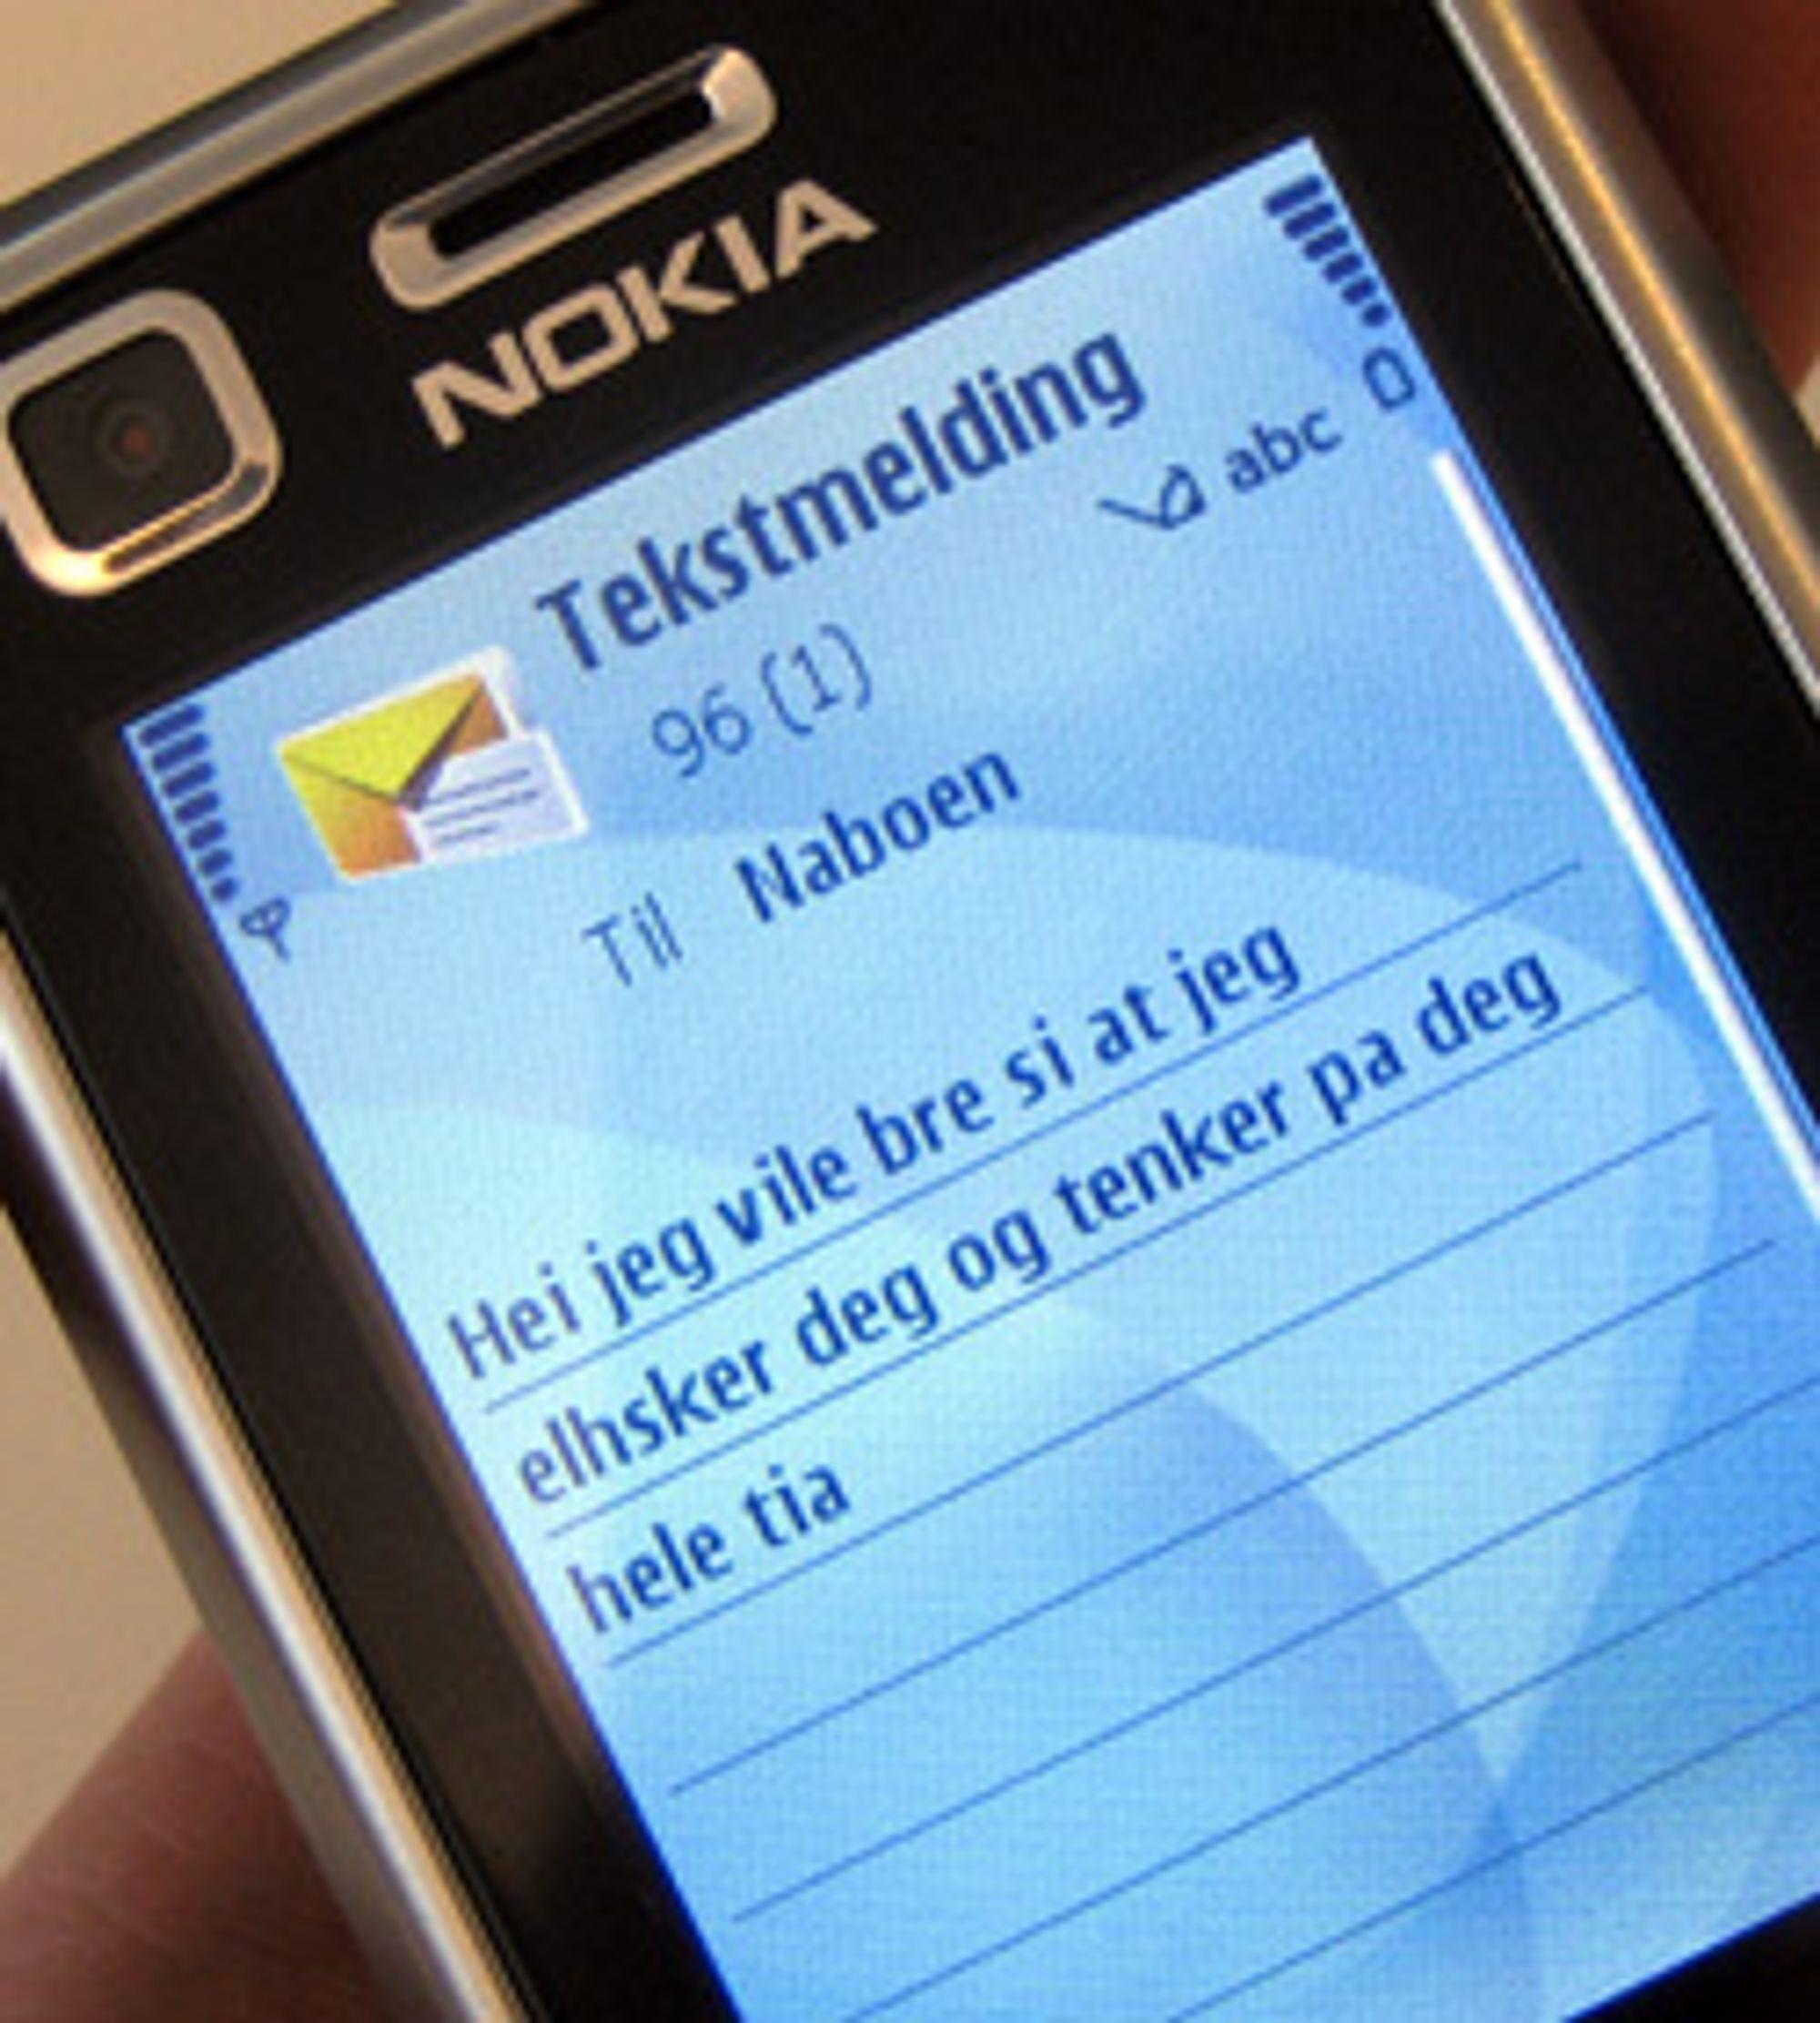 Å sende SMS i fylla er ingen god idé. (Foto: Silje Gomnæs)